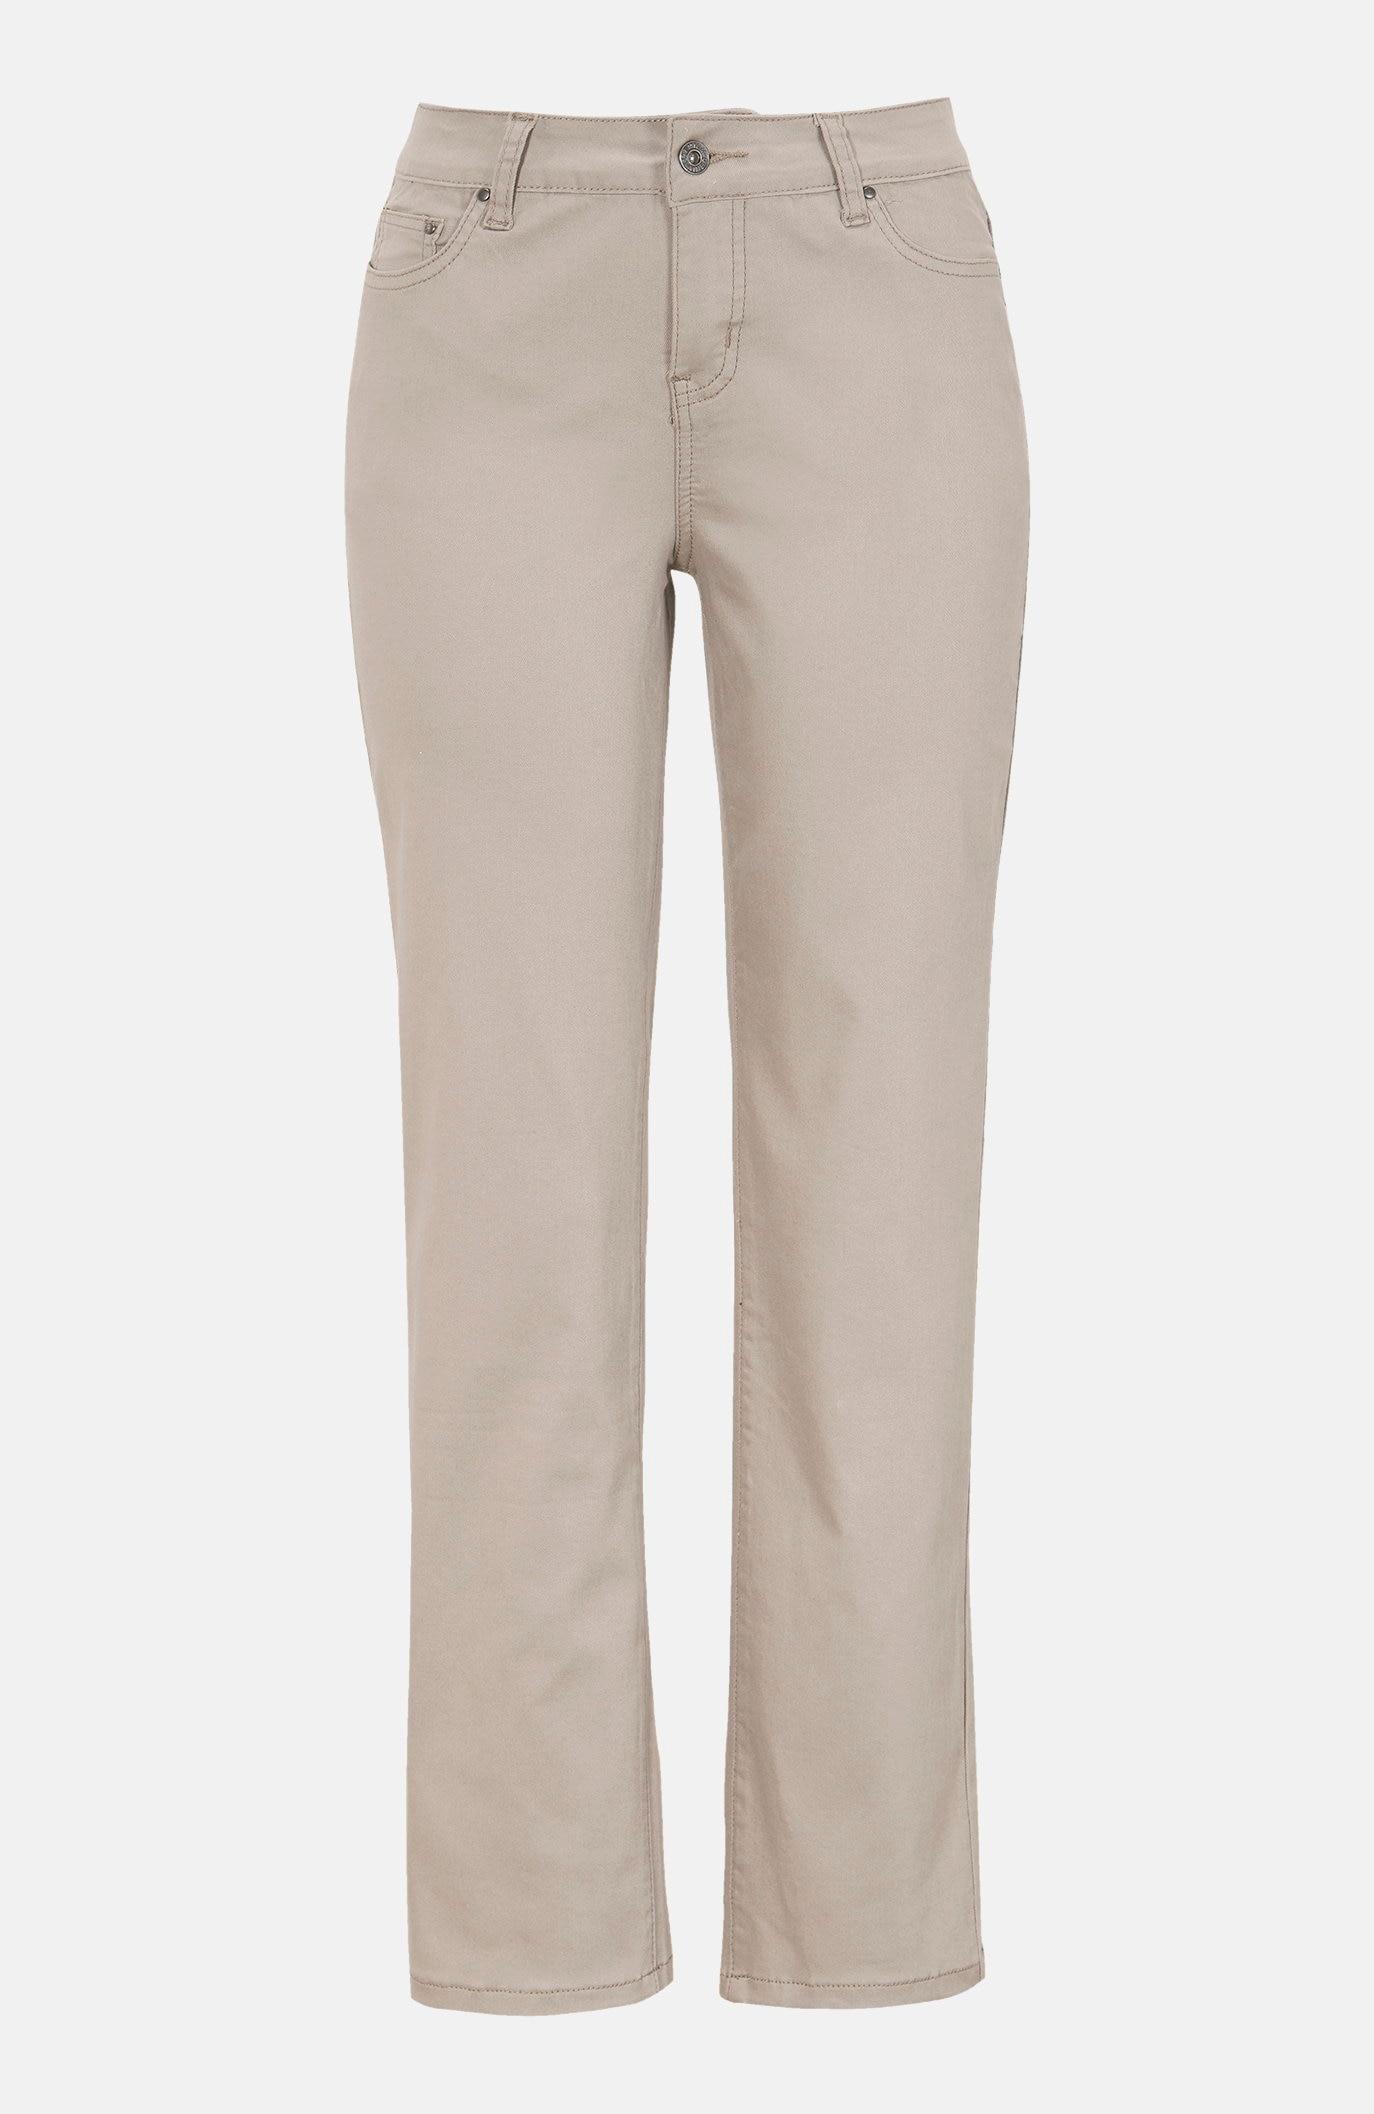 Raka jeans i femficksmodell